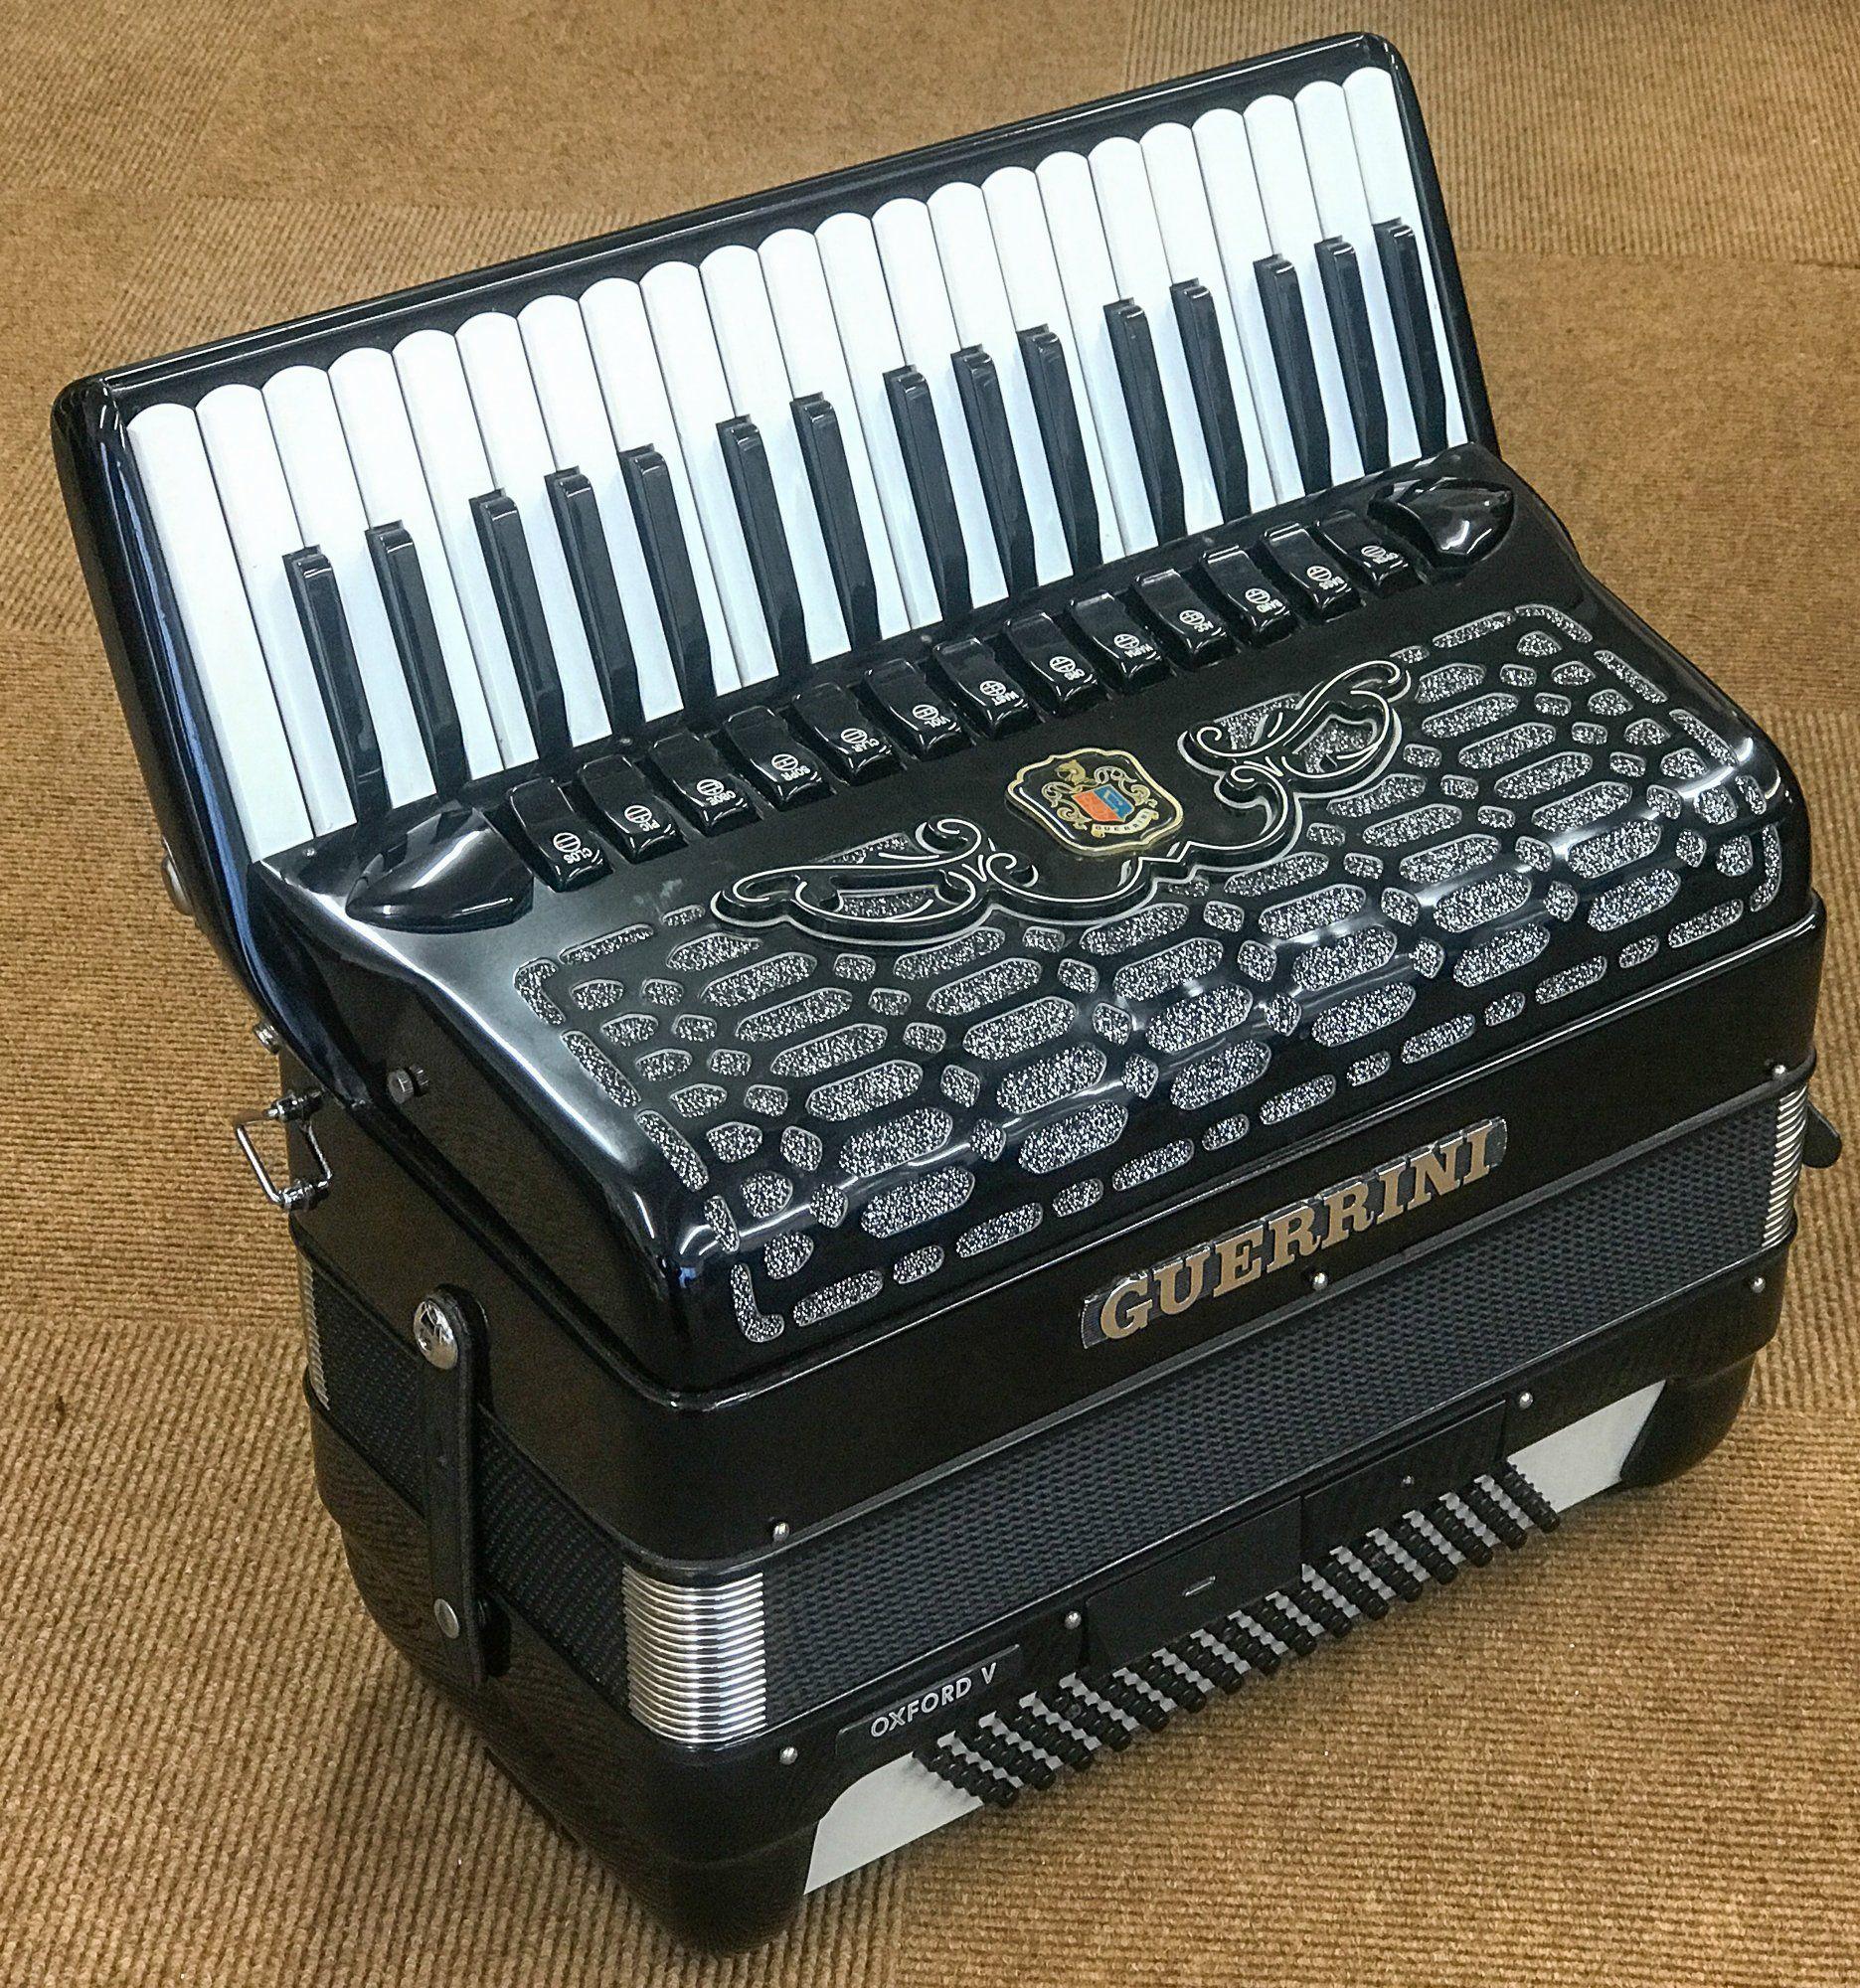 Guerrini Oxford V 96 bass Piano Accordion in 2019 | Piano